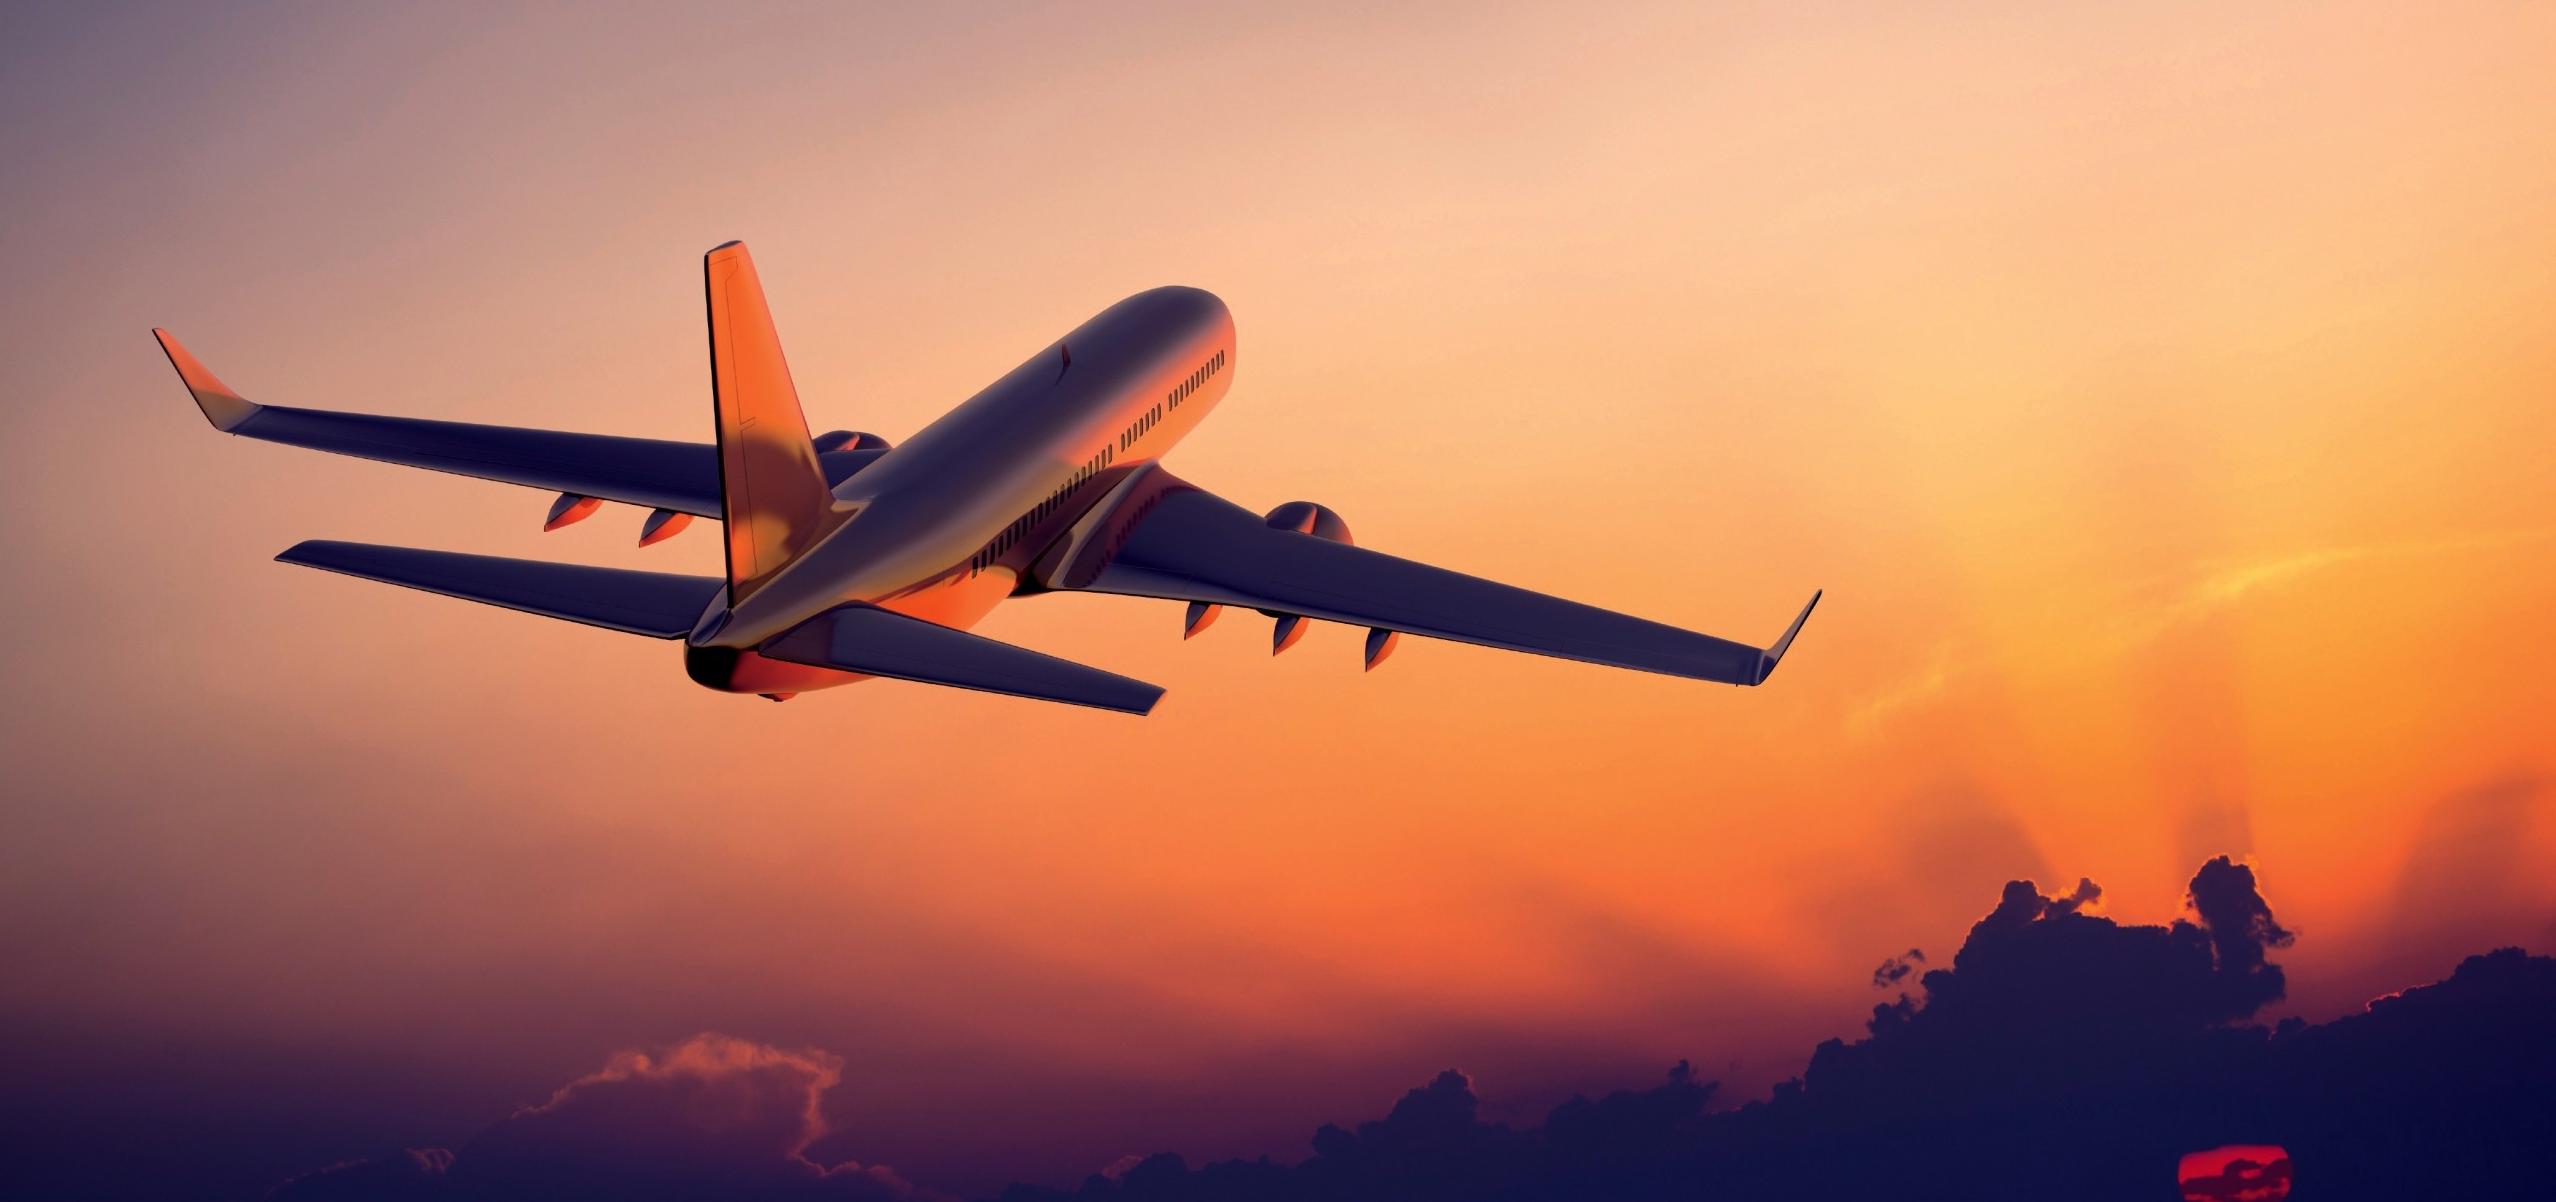 promotivne cene avio karata najjeftinije avio karte za moskvu iz beograda fly fly